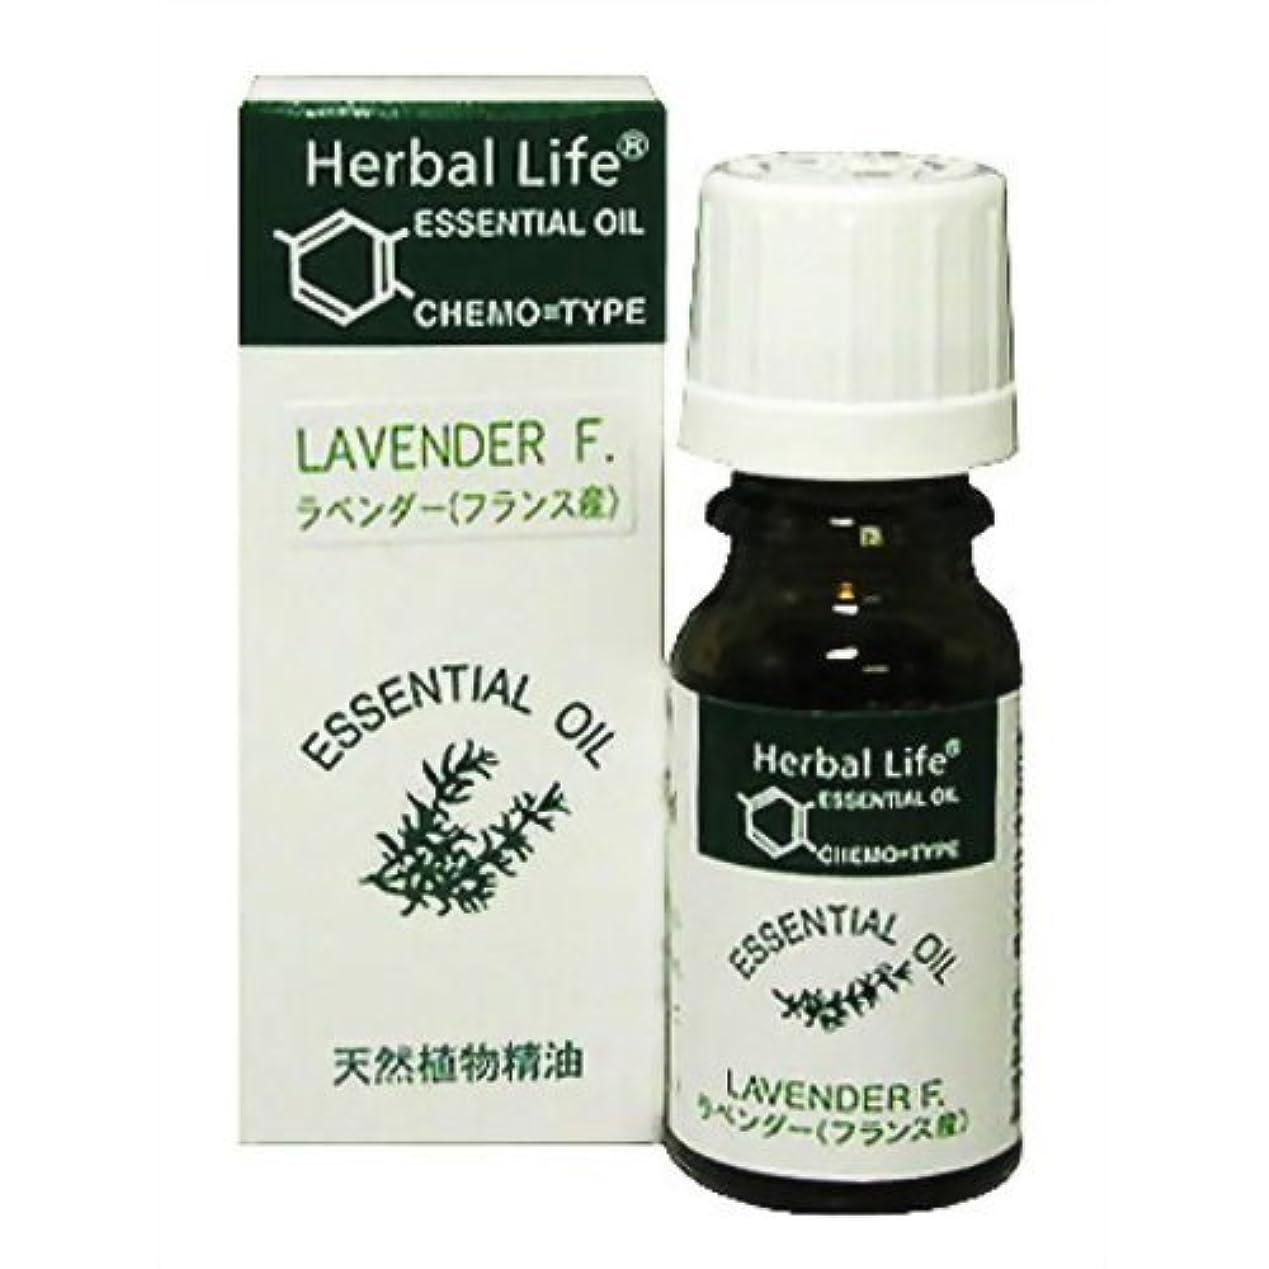 規範測定可能罰Herbal Life ラベンダー 10ml